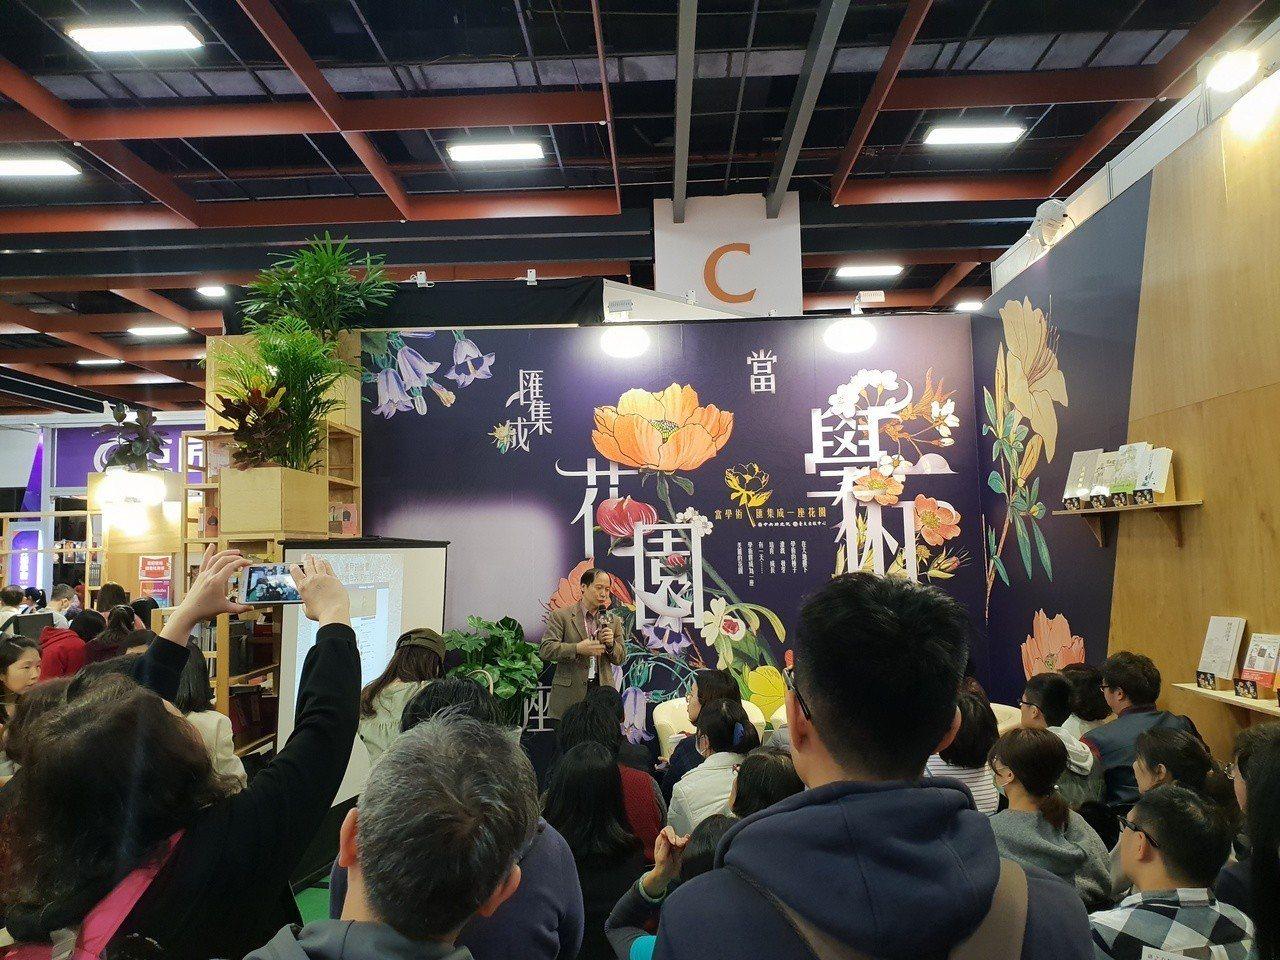 本屆台北國際書展吸引許多年輕人參與,圖為中研院舉辦的書展座談,滿滿都是年輕人參與...